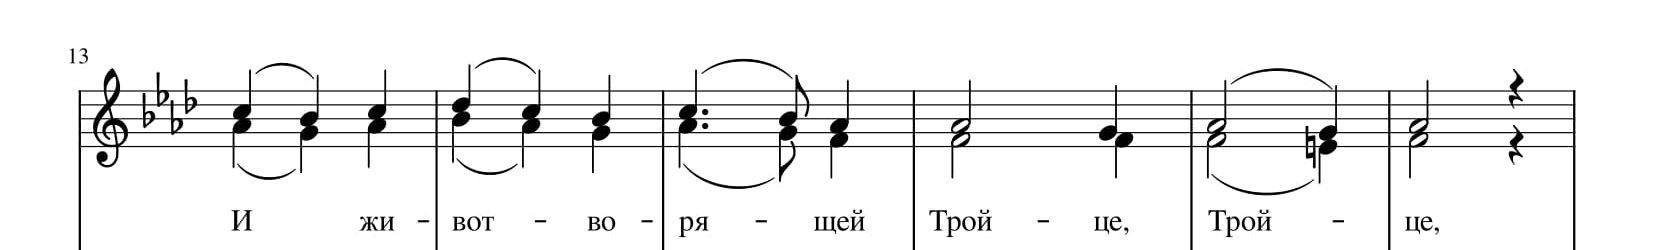 Херувимская песнь. Н.В. Бутомо